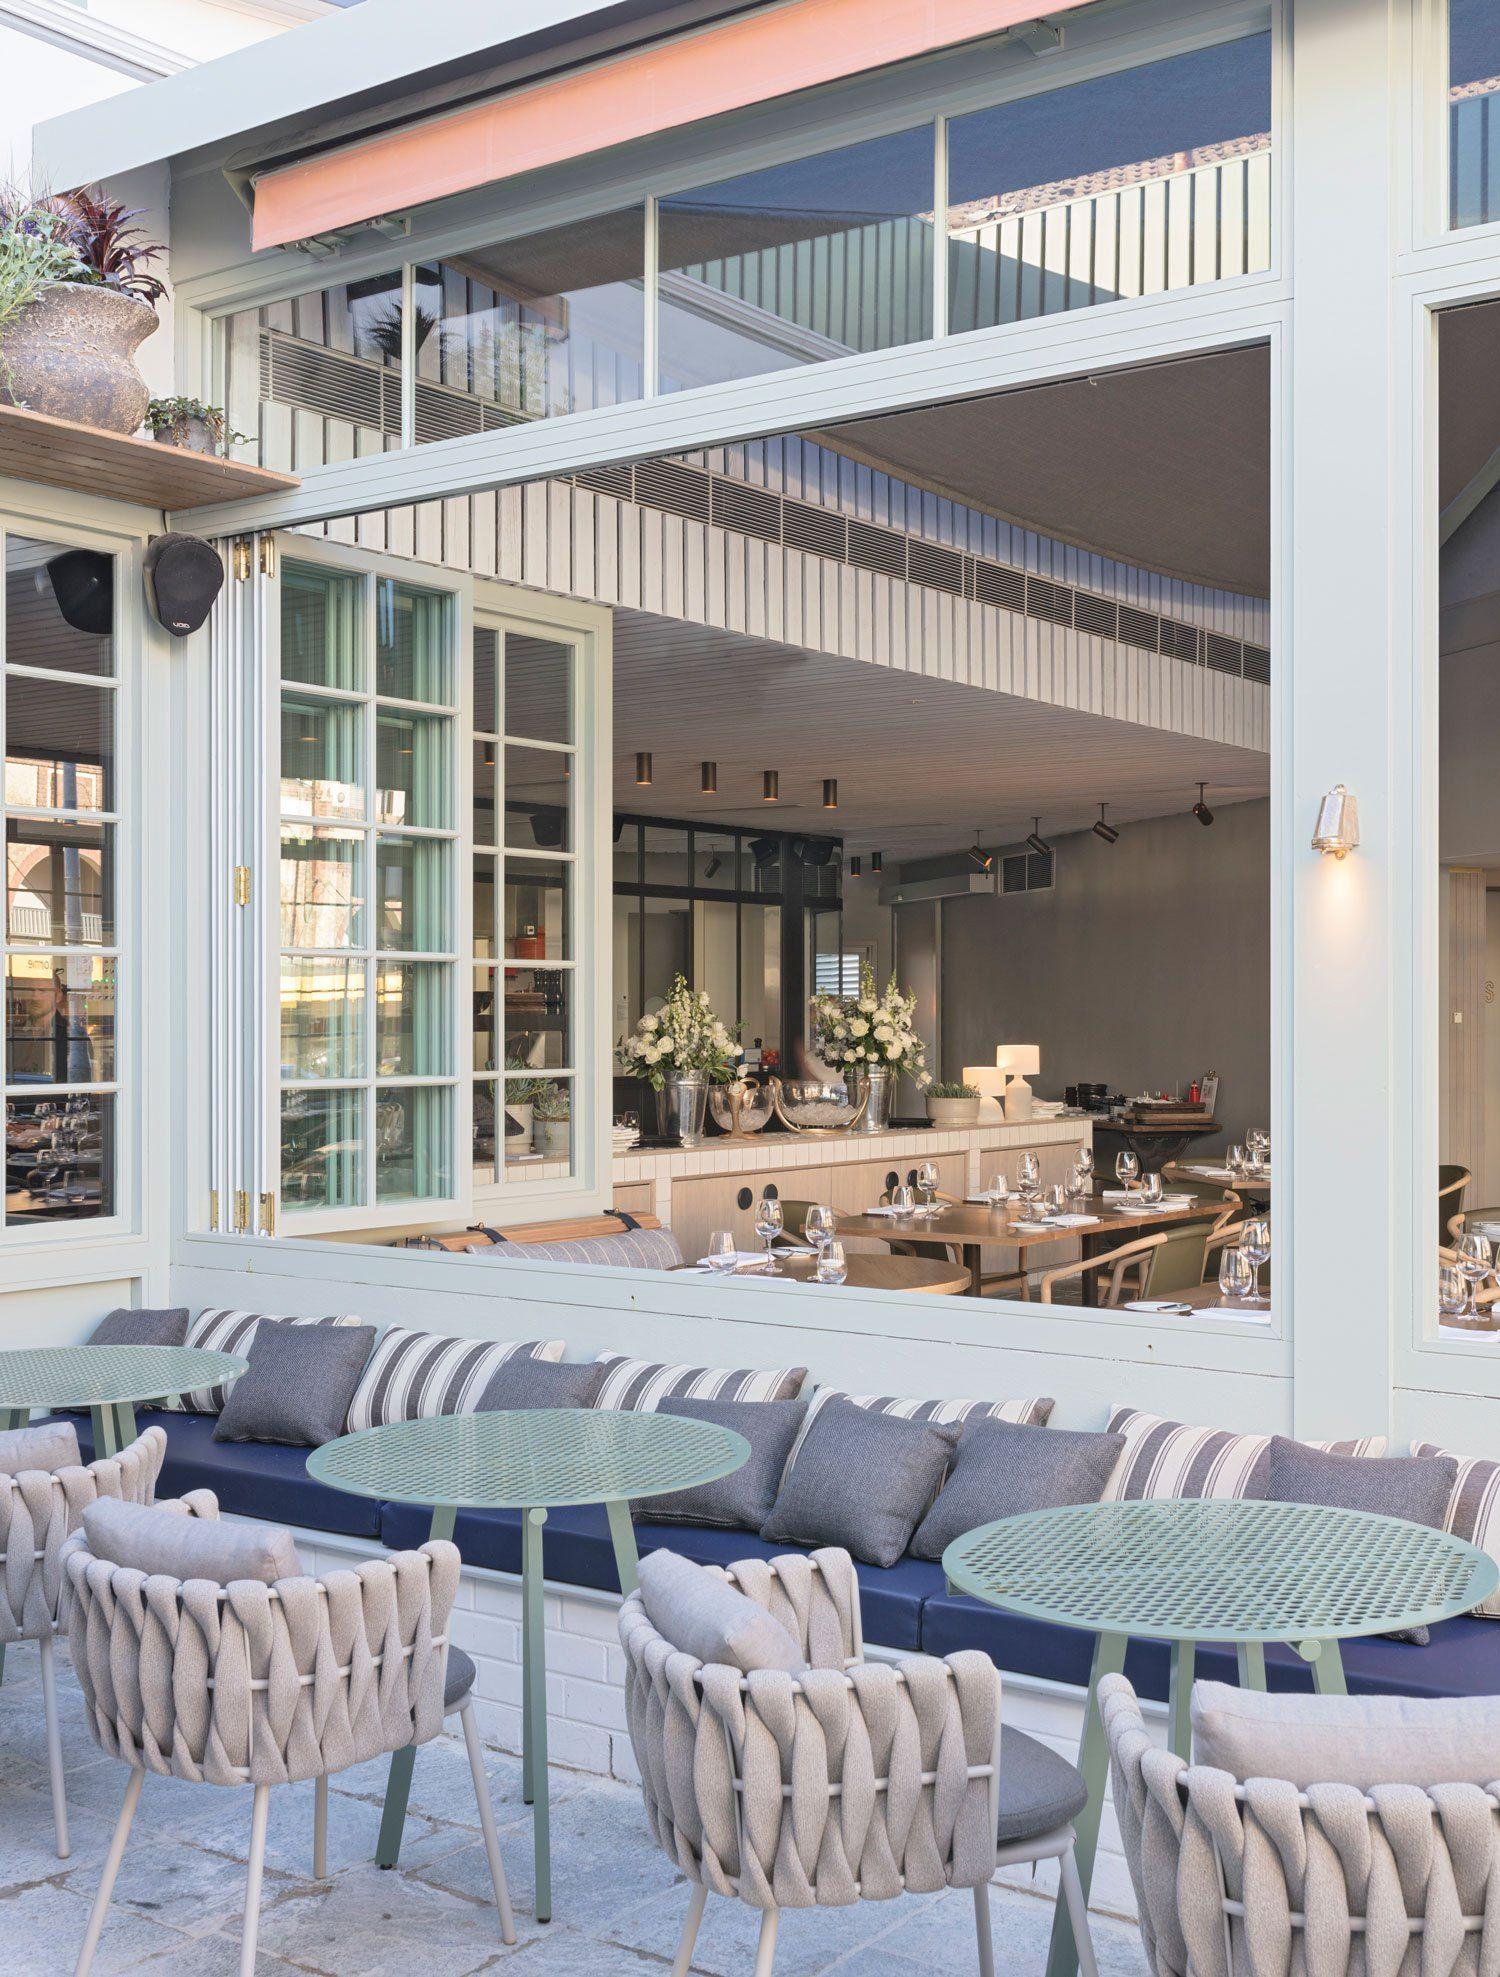 Buena Vista Hotel In Mosman By Sjb Interiros Tess Regan Design  # Muebles Kay Canals